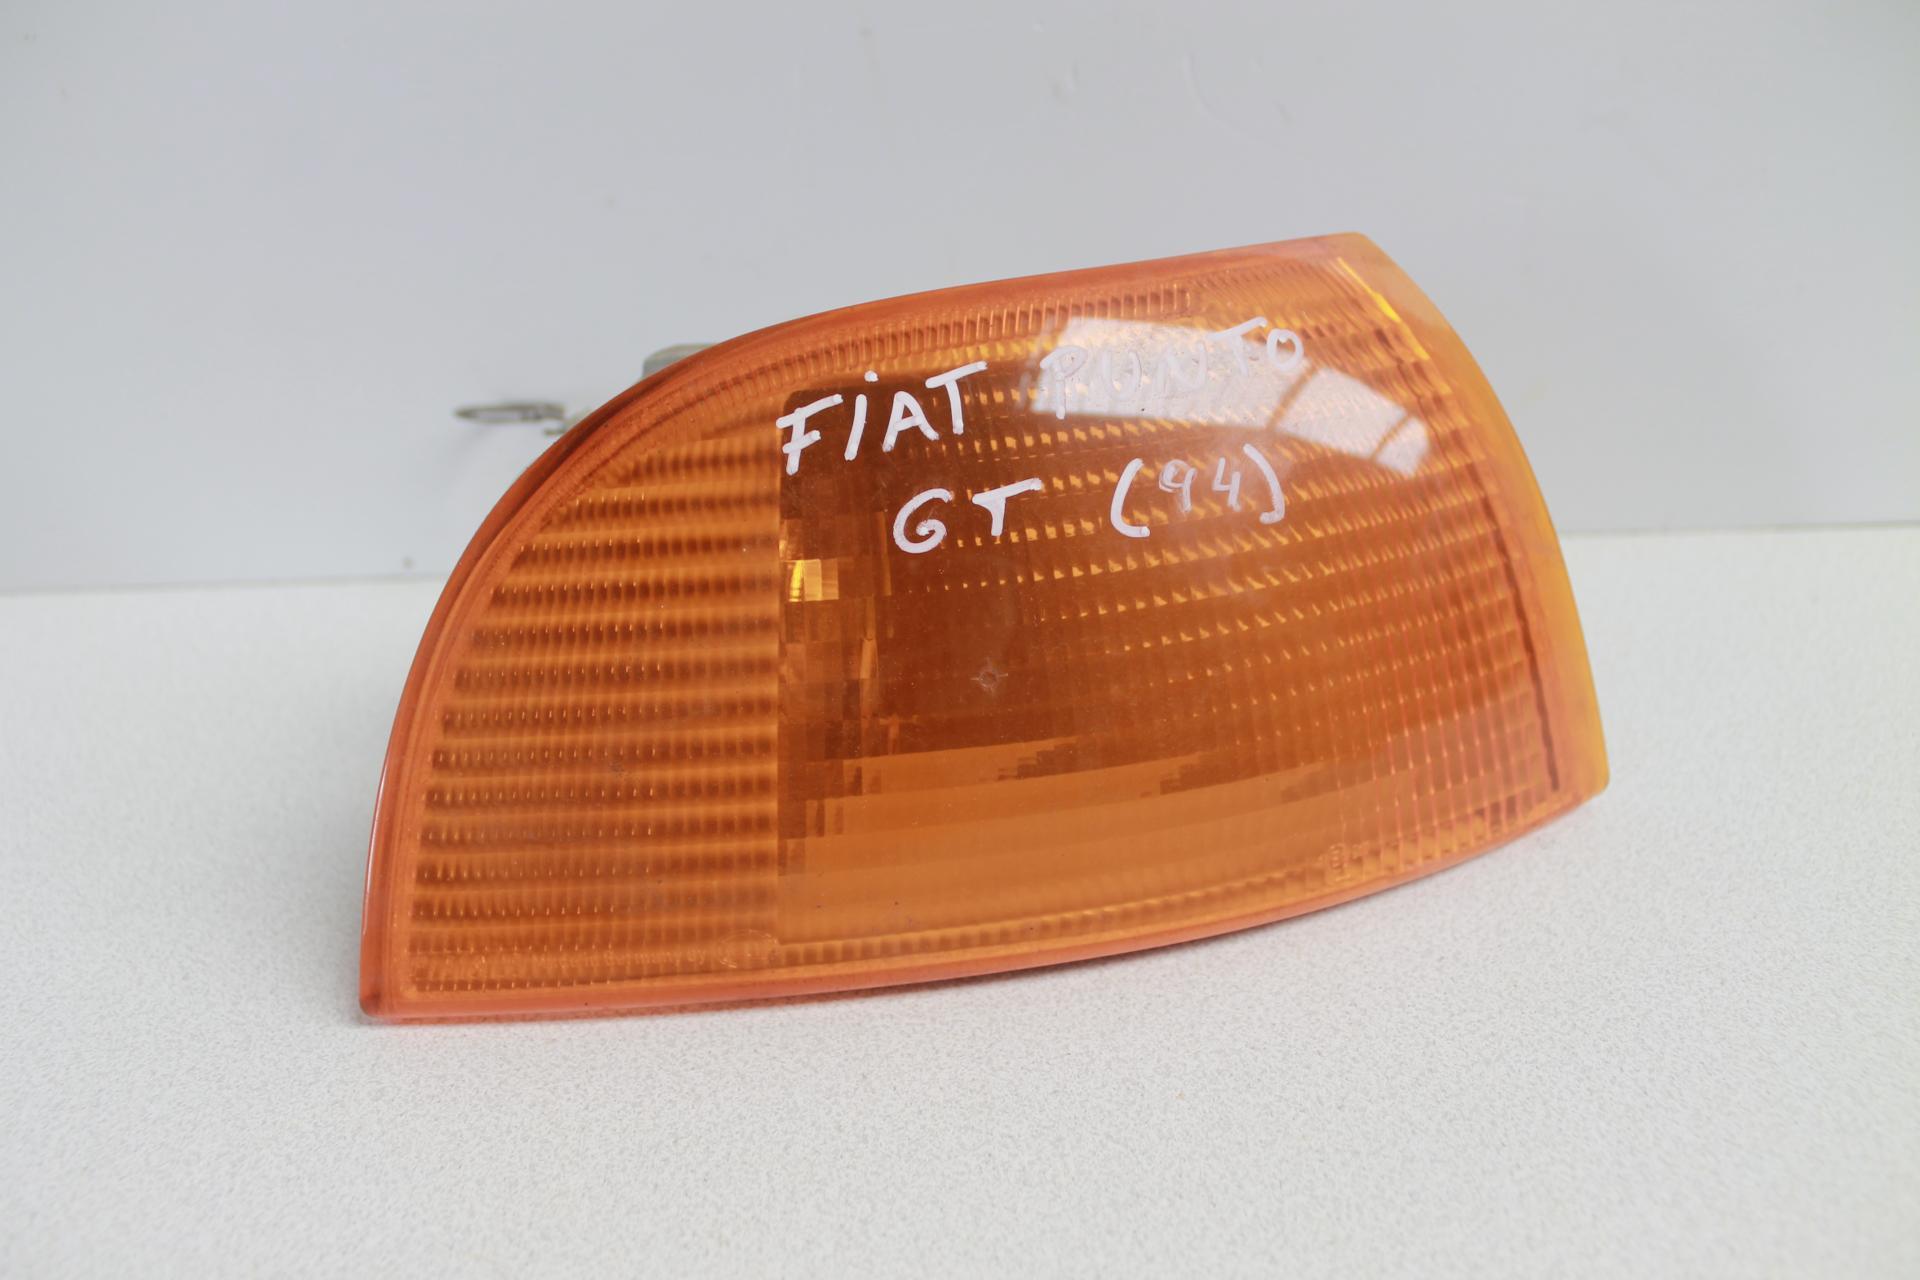 Piloto intermitente Fiat Punto GT (94)